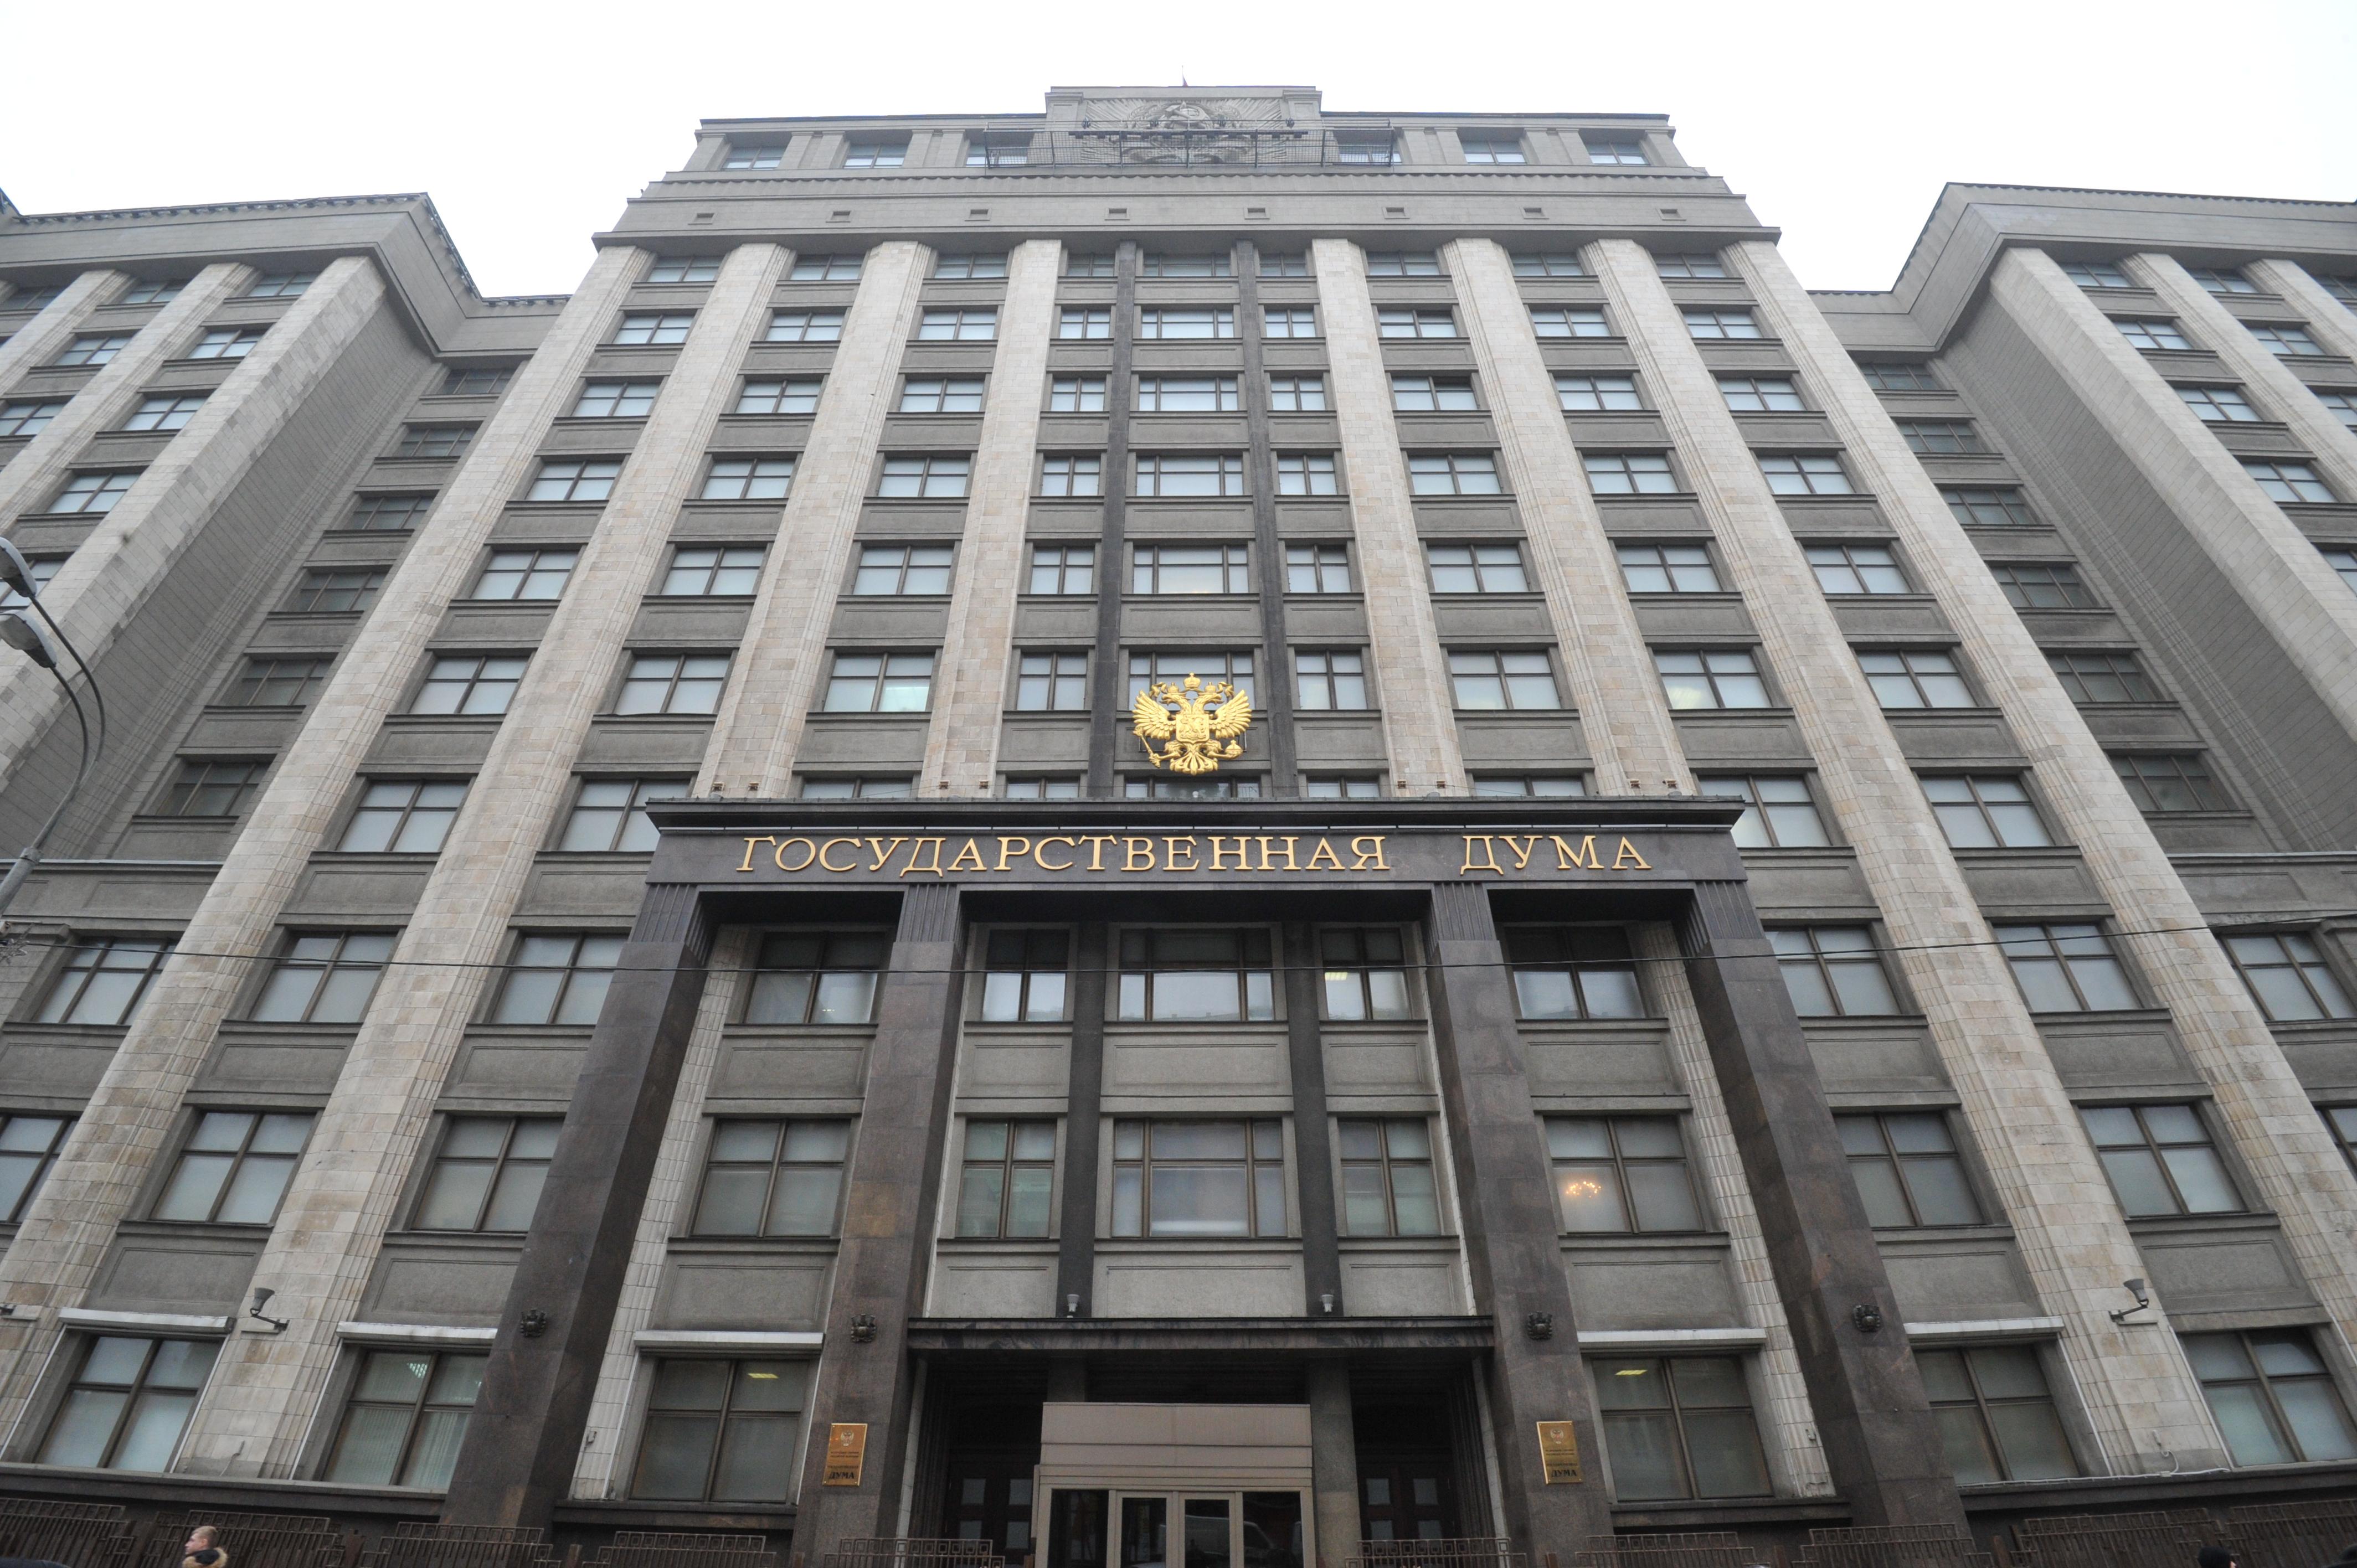 Госдума отменила обязательную сертификацию беспилотников массой до 30 кг